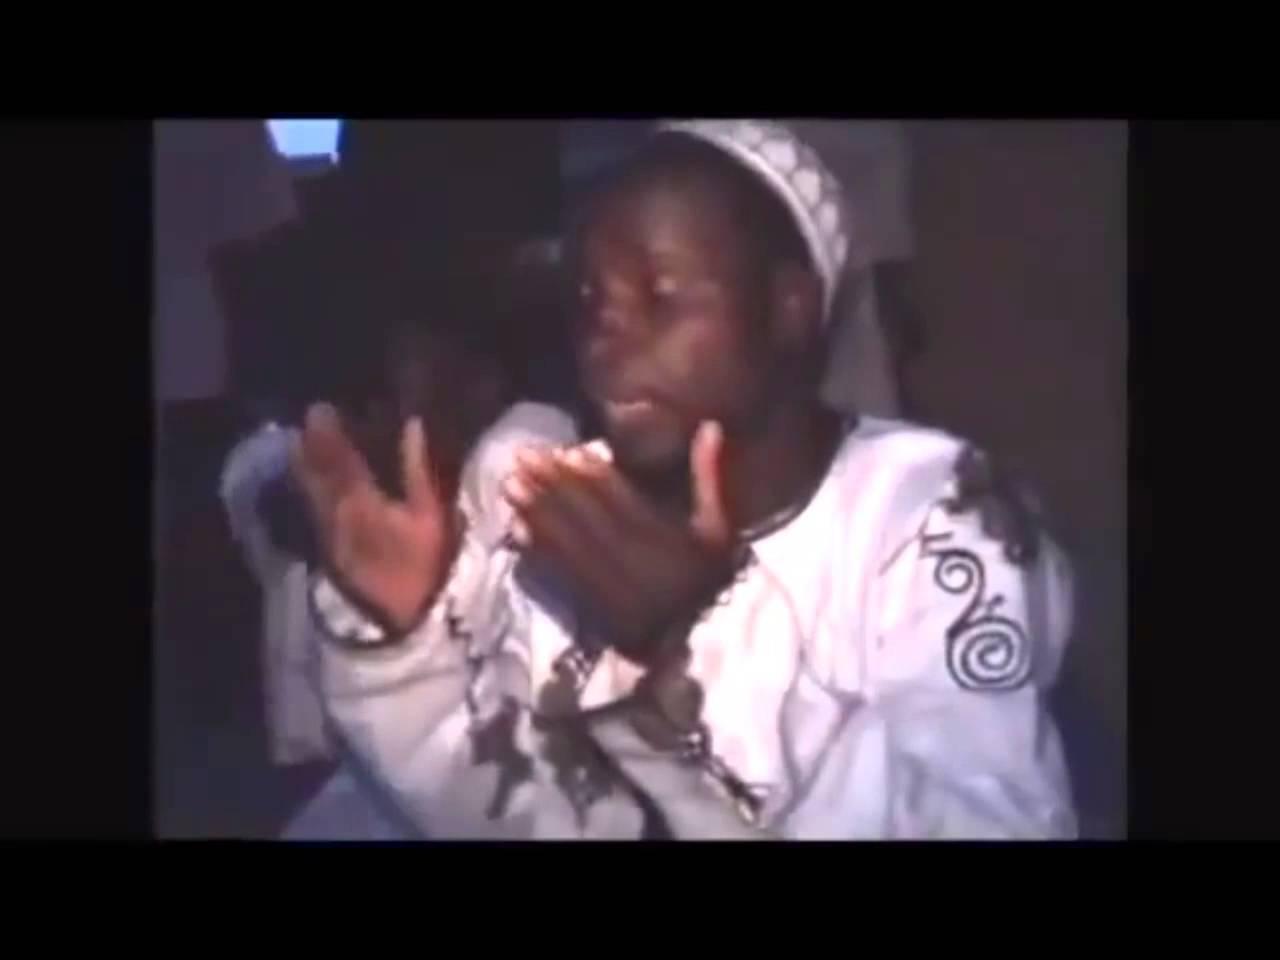 İlk Defa Beyaz Müslüman gören Afrikalı  Kardeşlerimiz (VİDEO)